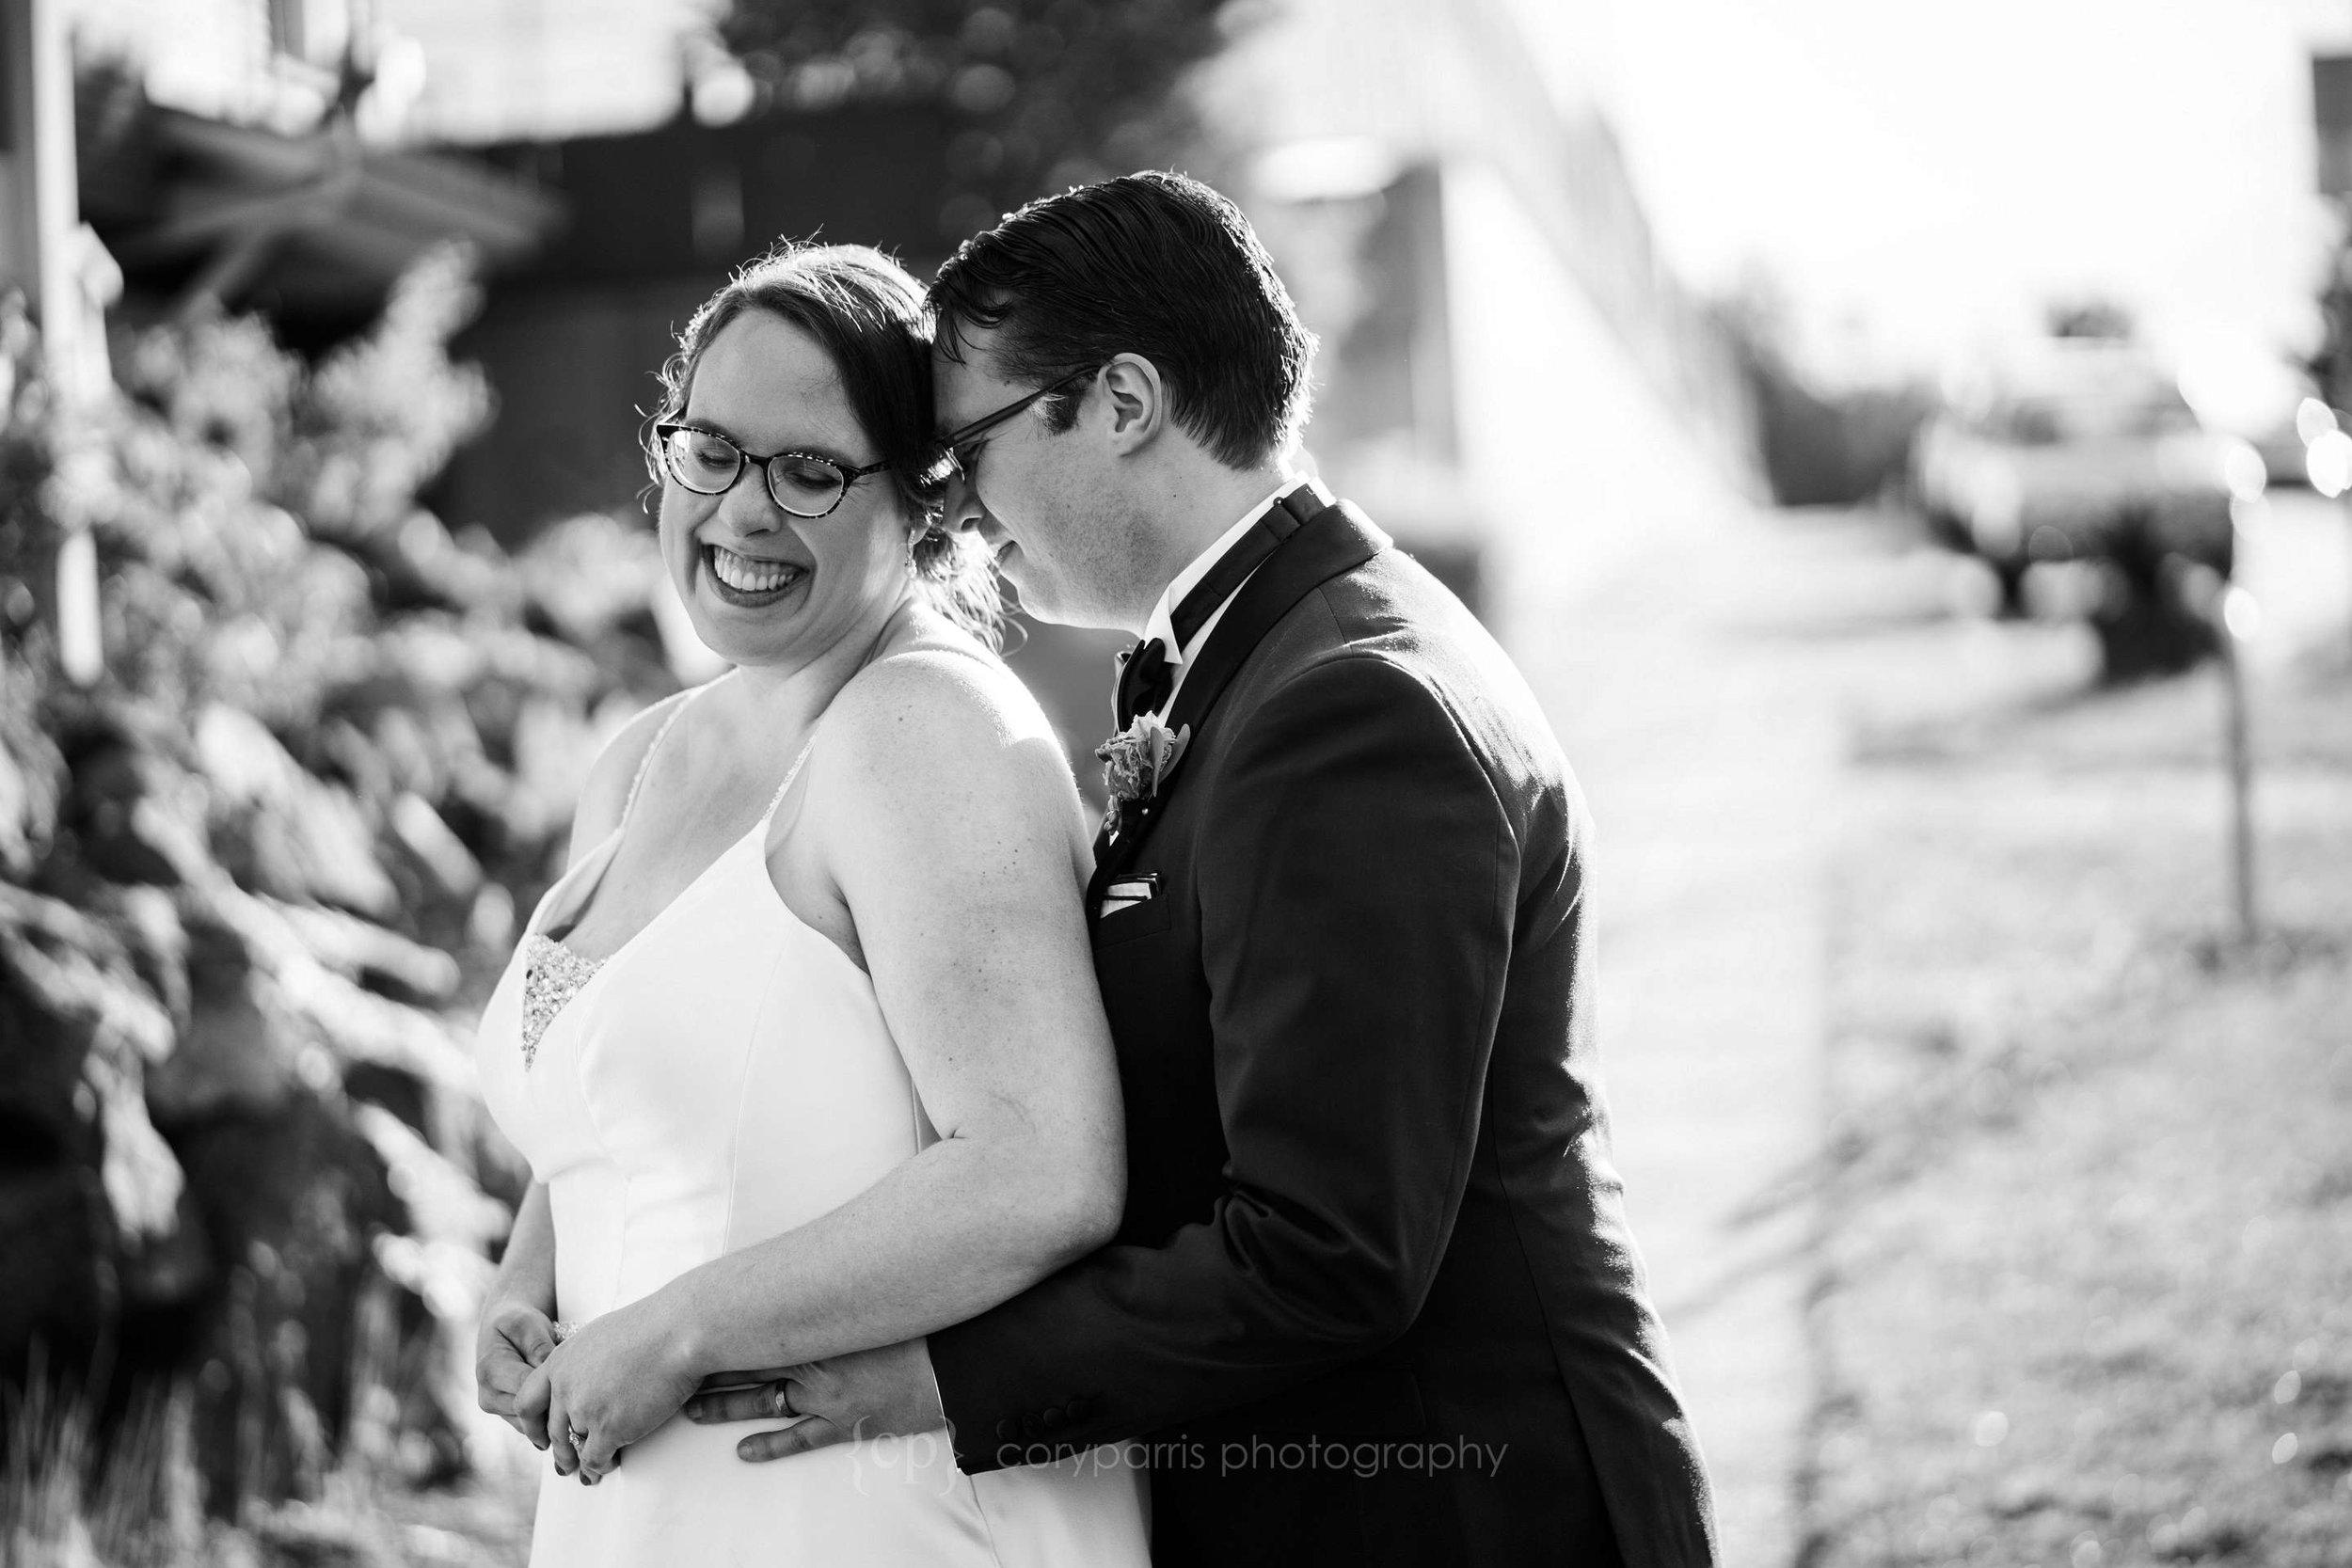 Maria-Lynn and Sean on their wedding day in Seattle.